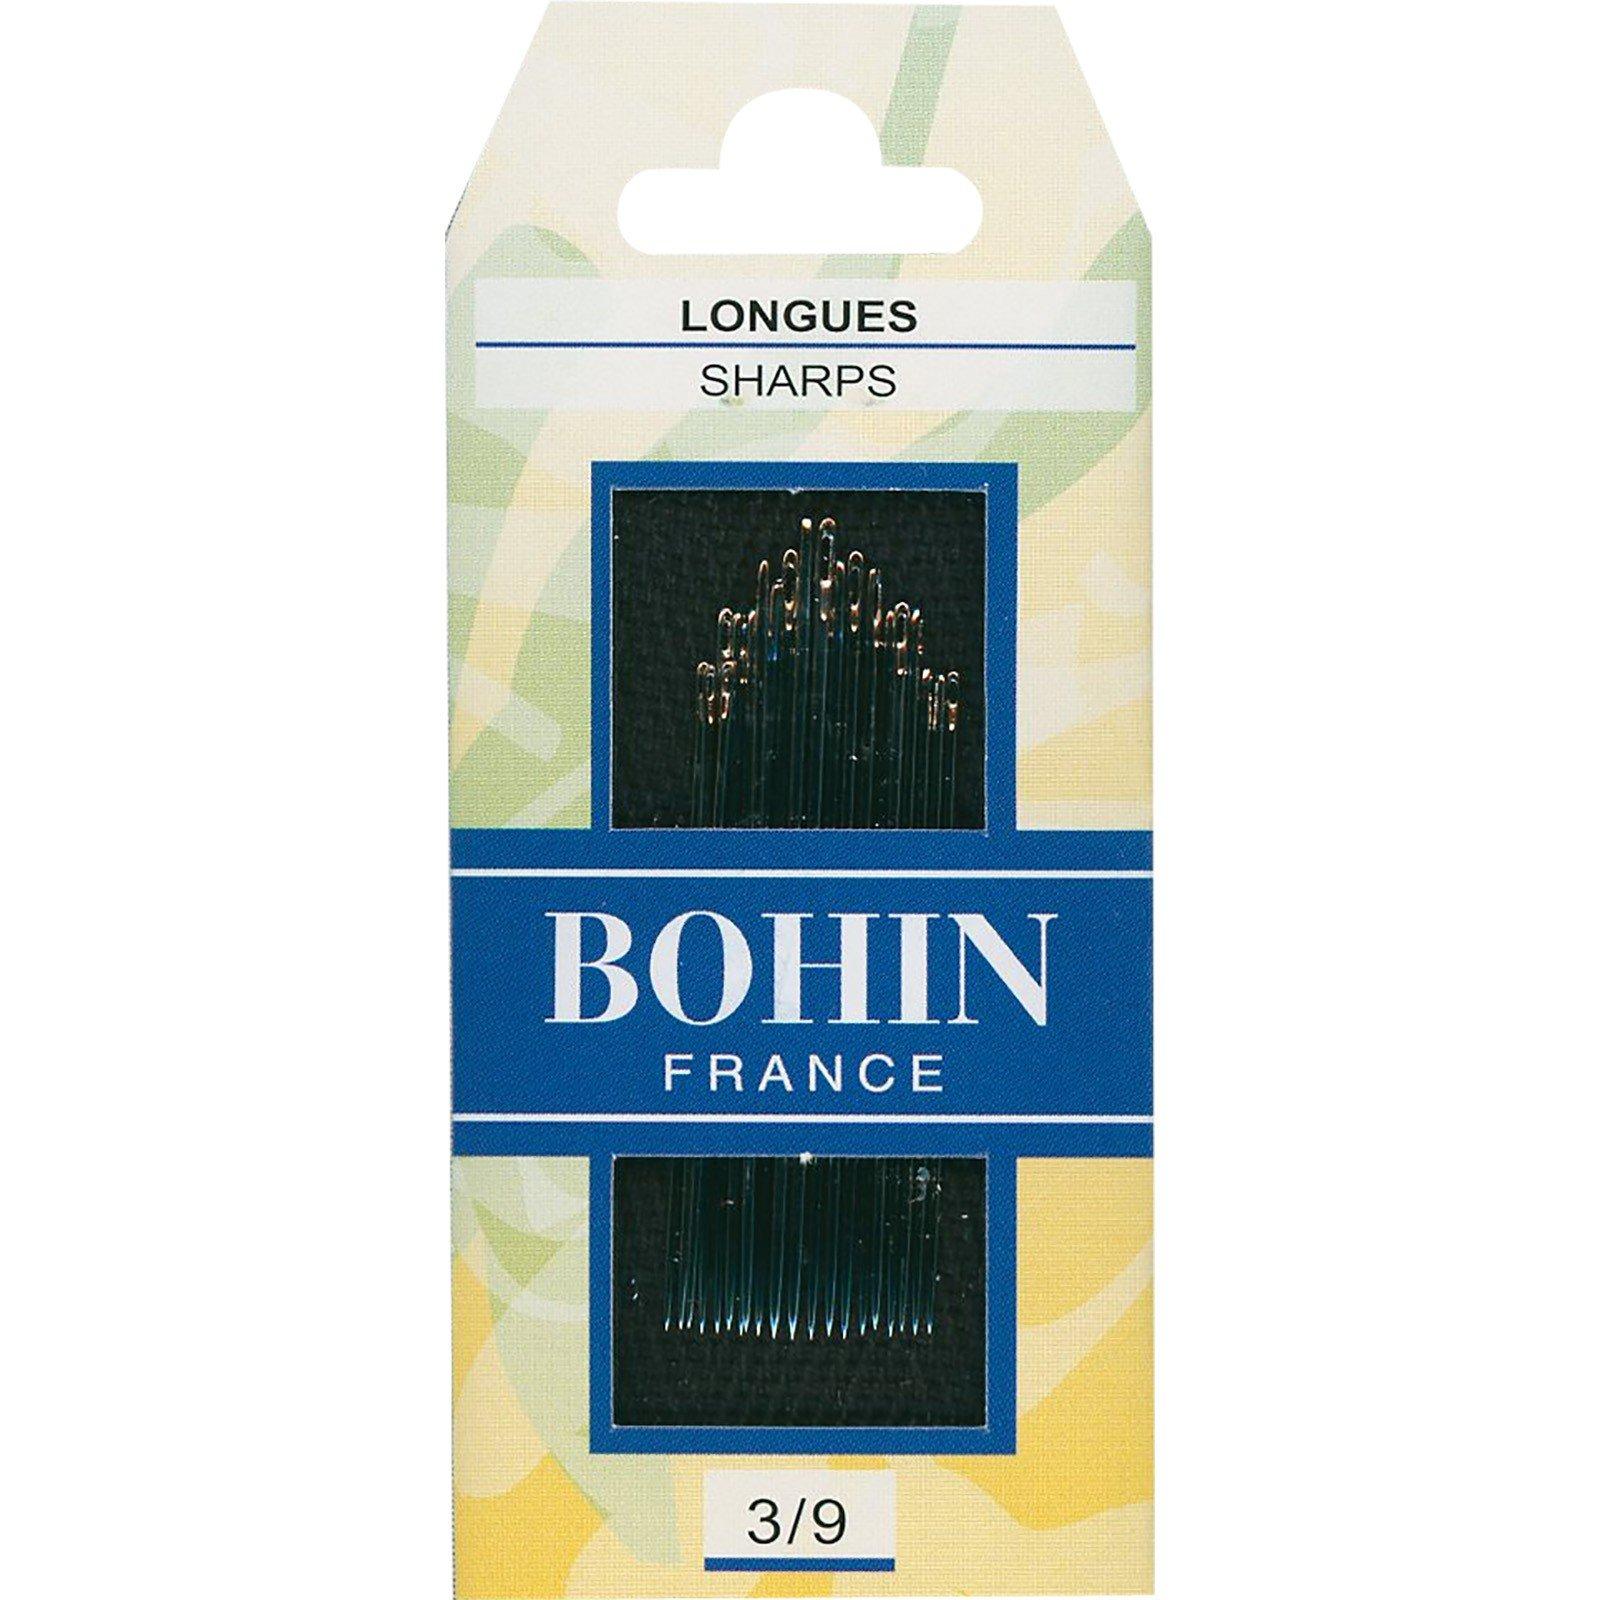 Bohin Sharps 3/9